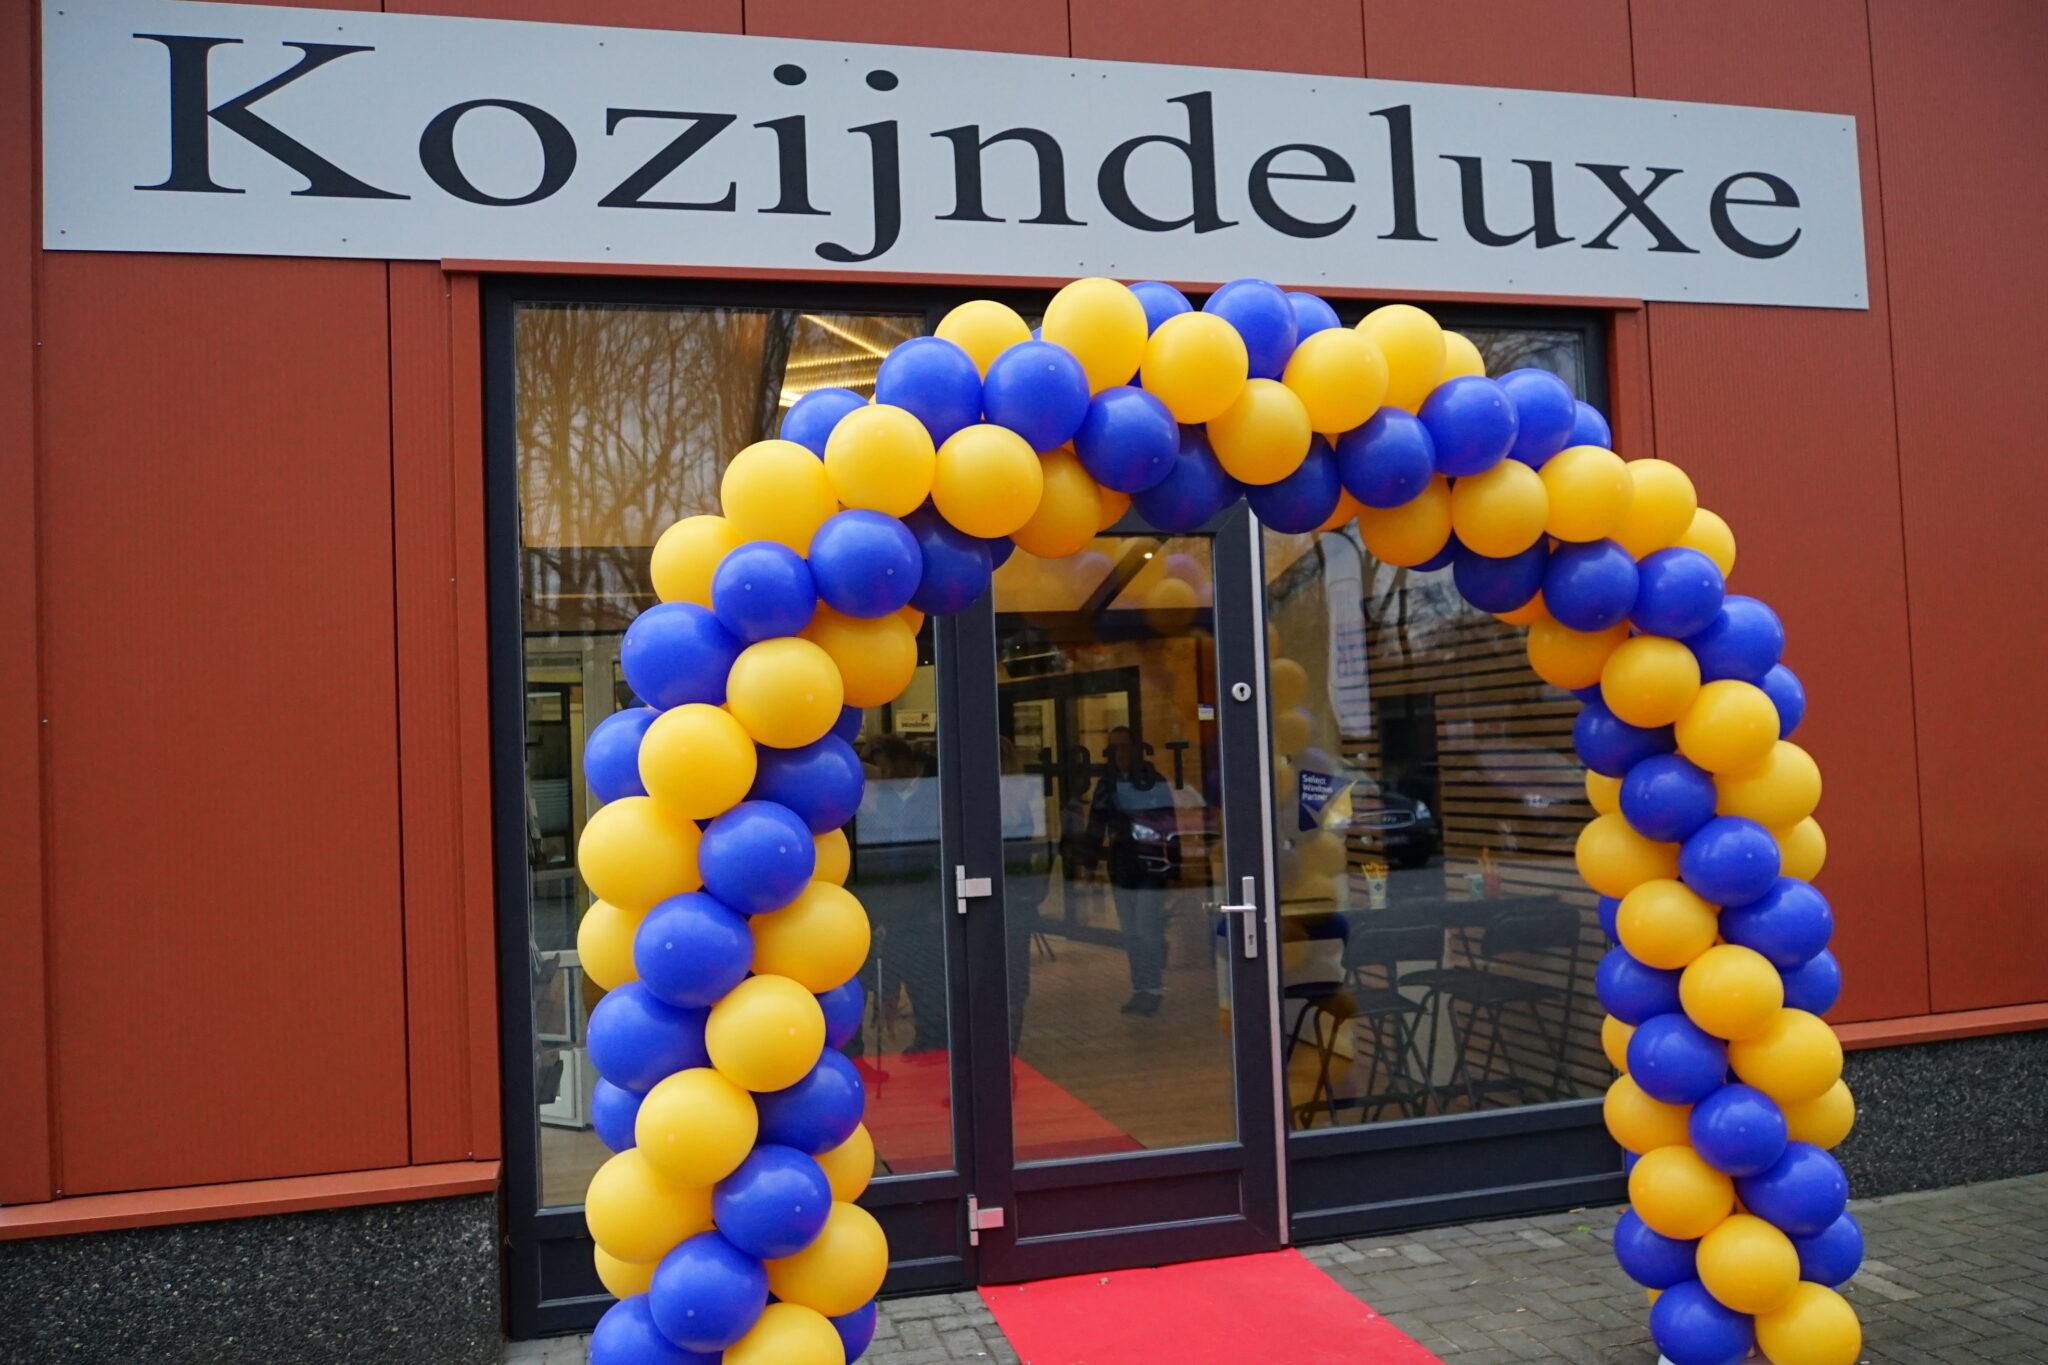 Select Windows Kunststof Kozijnen - KozijndeLuxe in Bergen Limburg Kunststof kozijnen Venlo